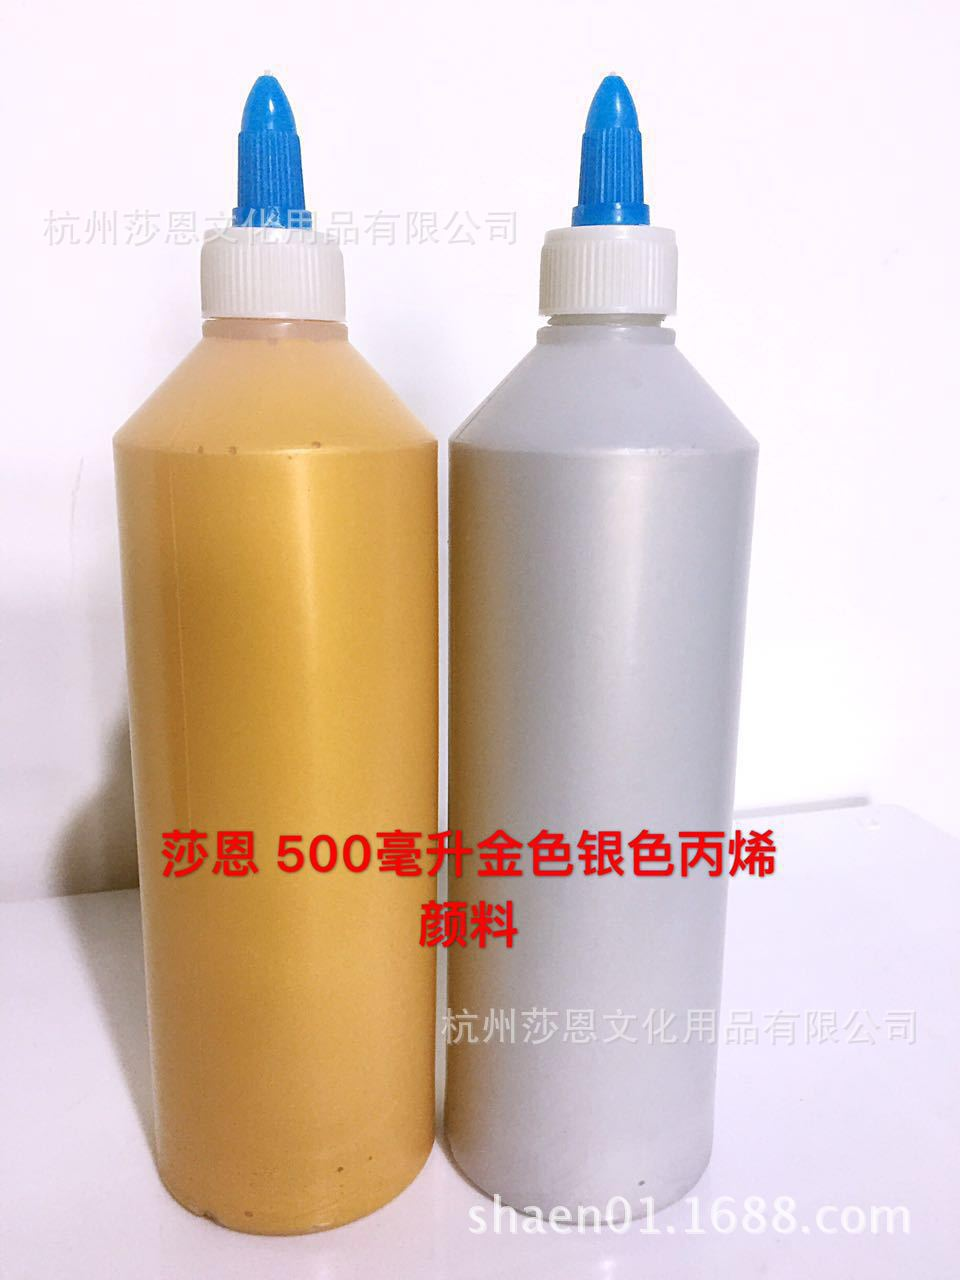 300ml500ml金色丙烯颜料批发亮金色珠光丙烯颜料佛像彩绘颜料